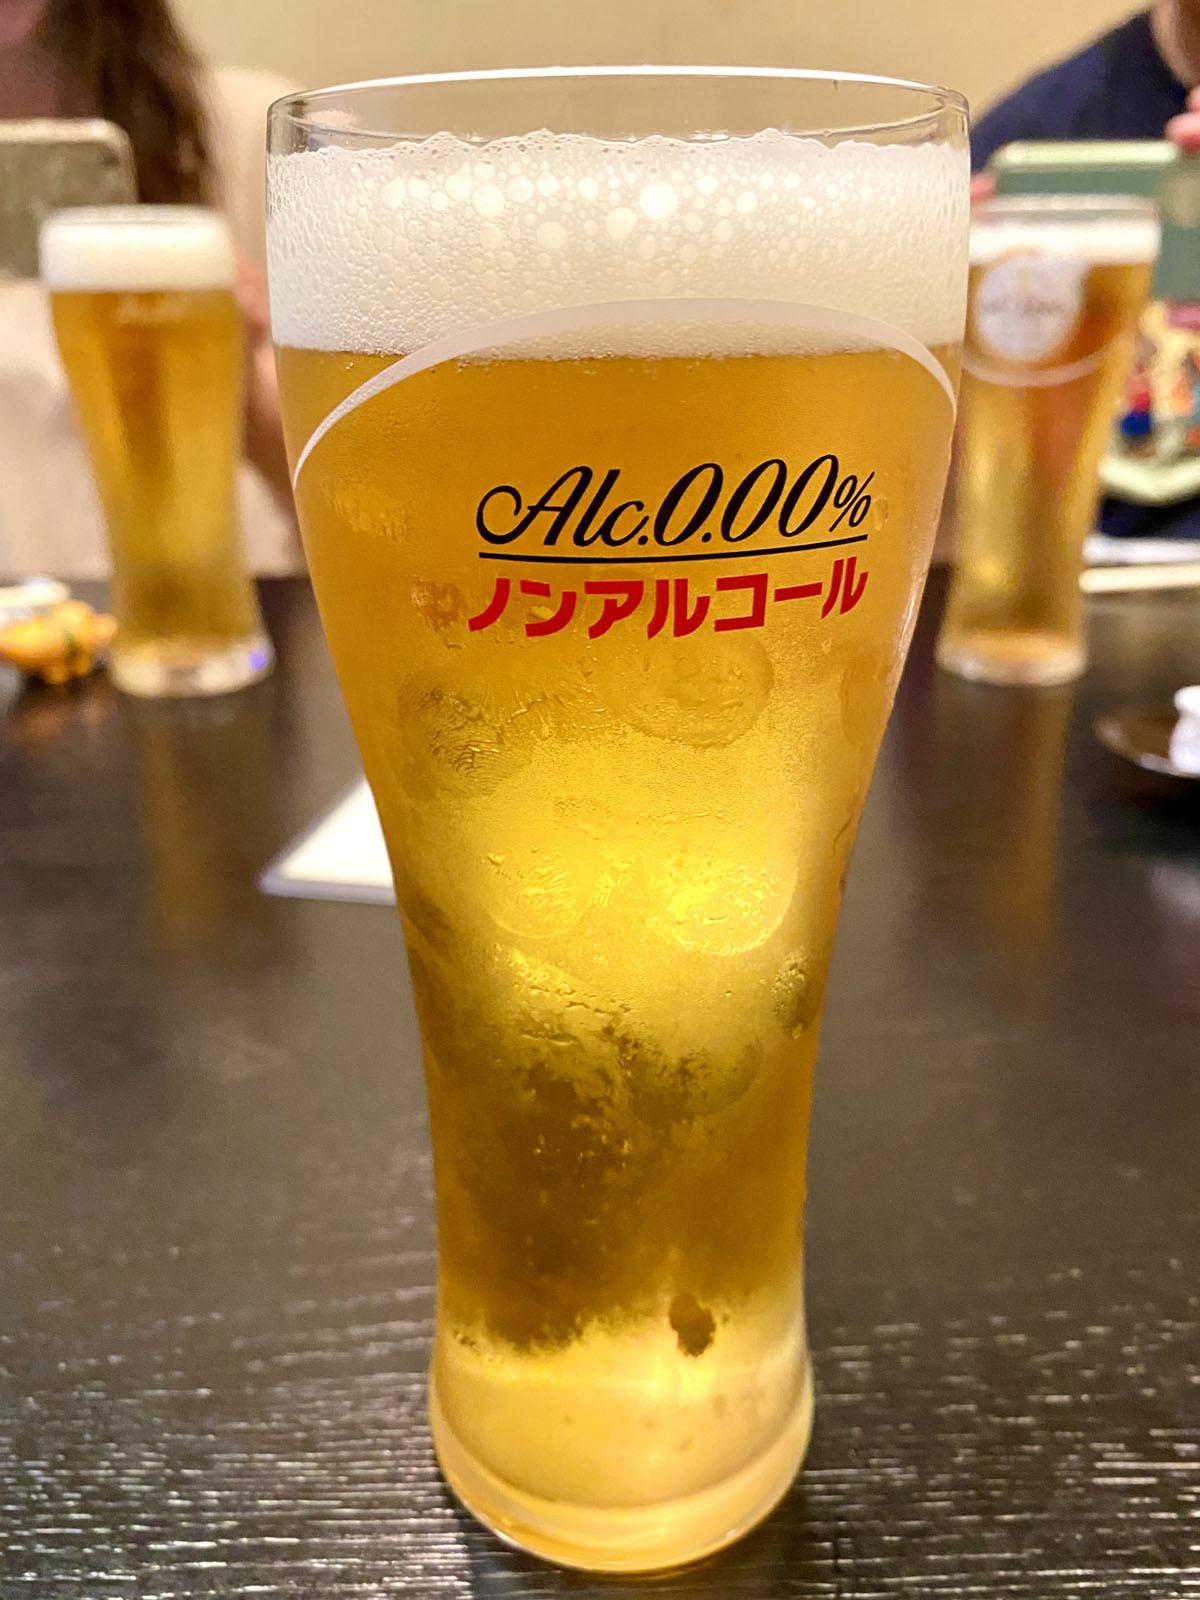 ビール!?